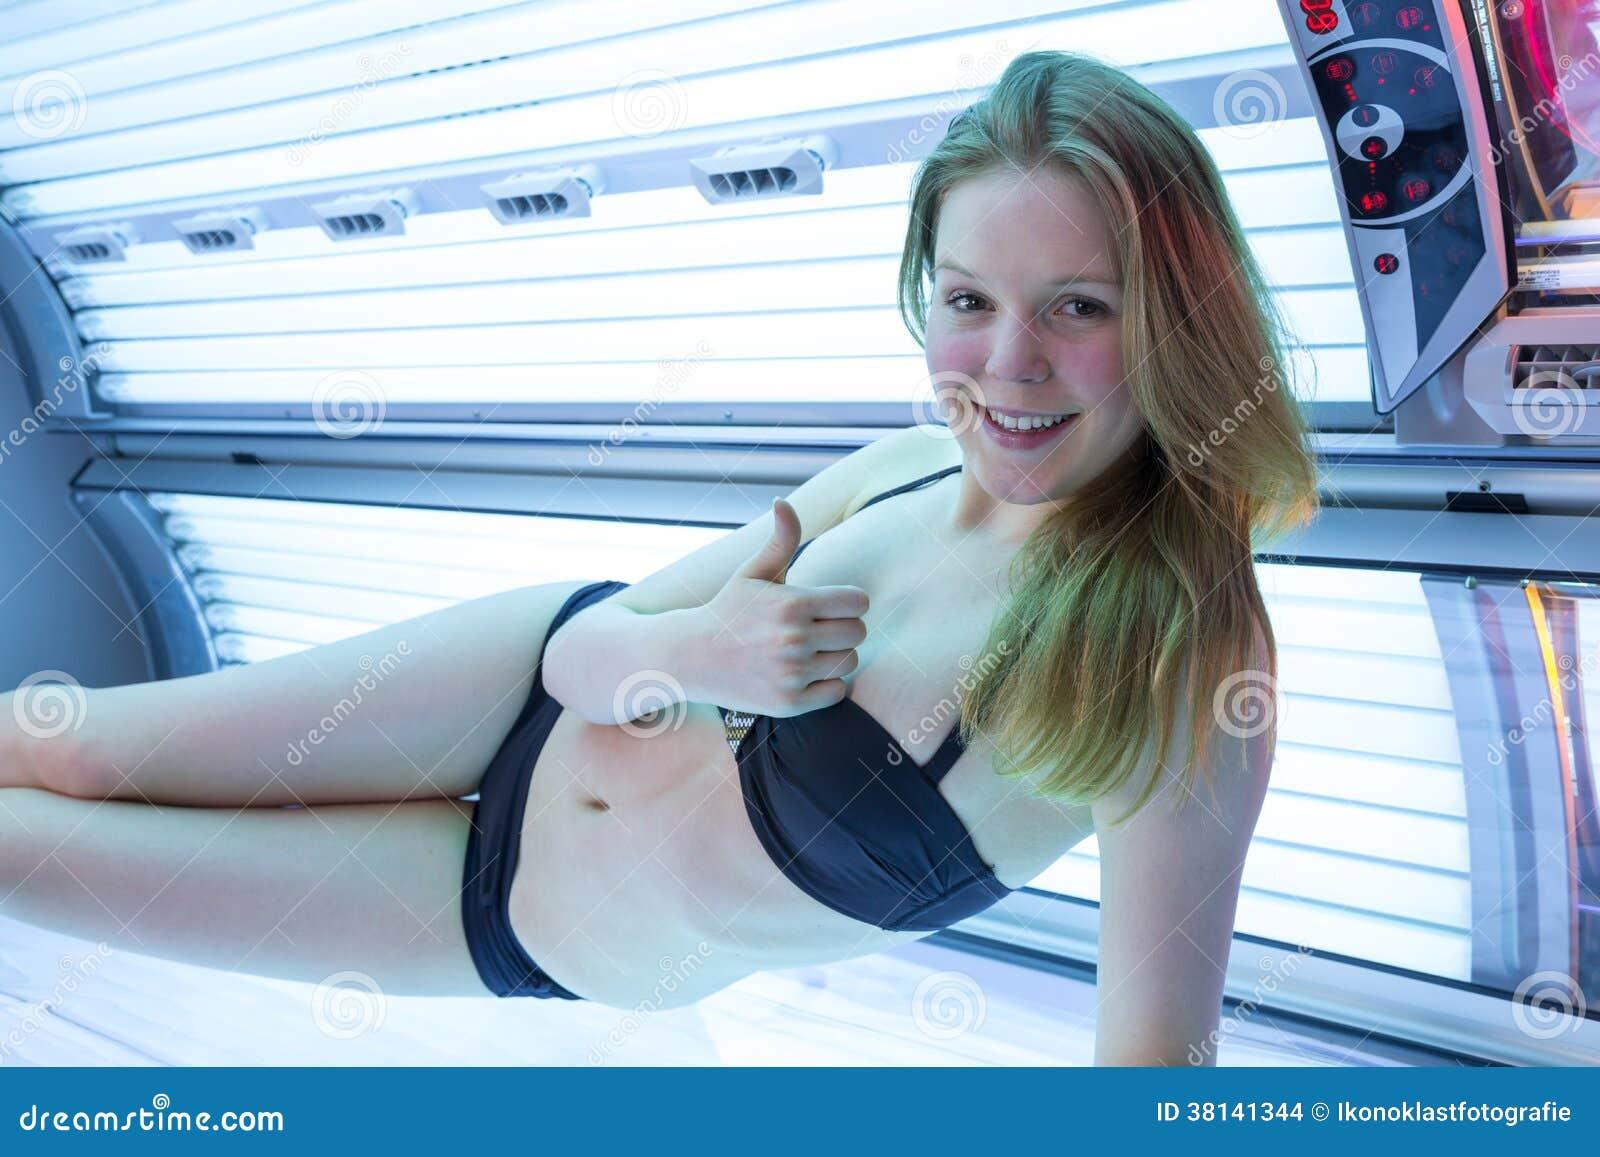 Solarium Tanning Bed Prices